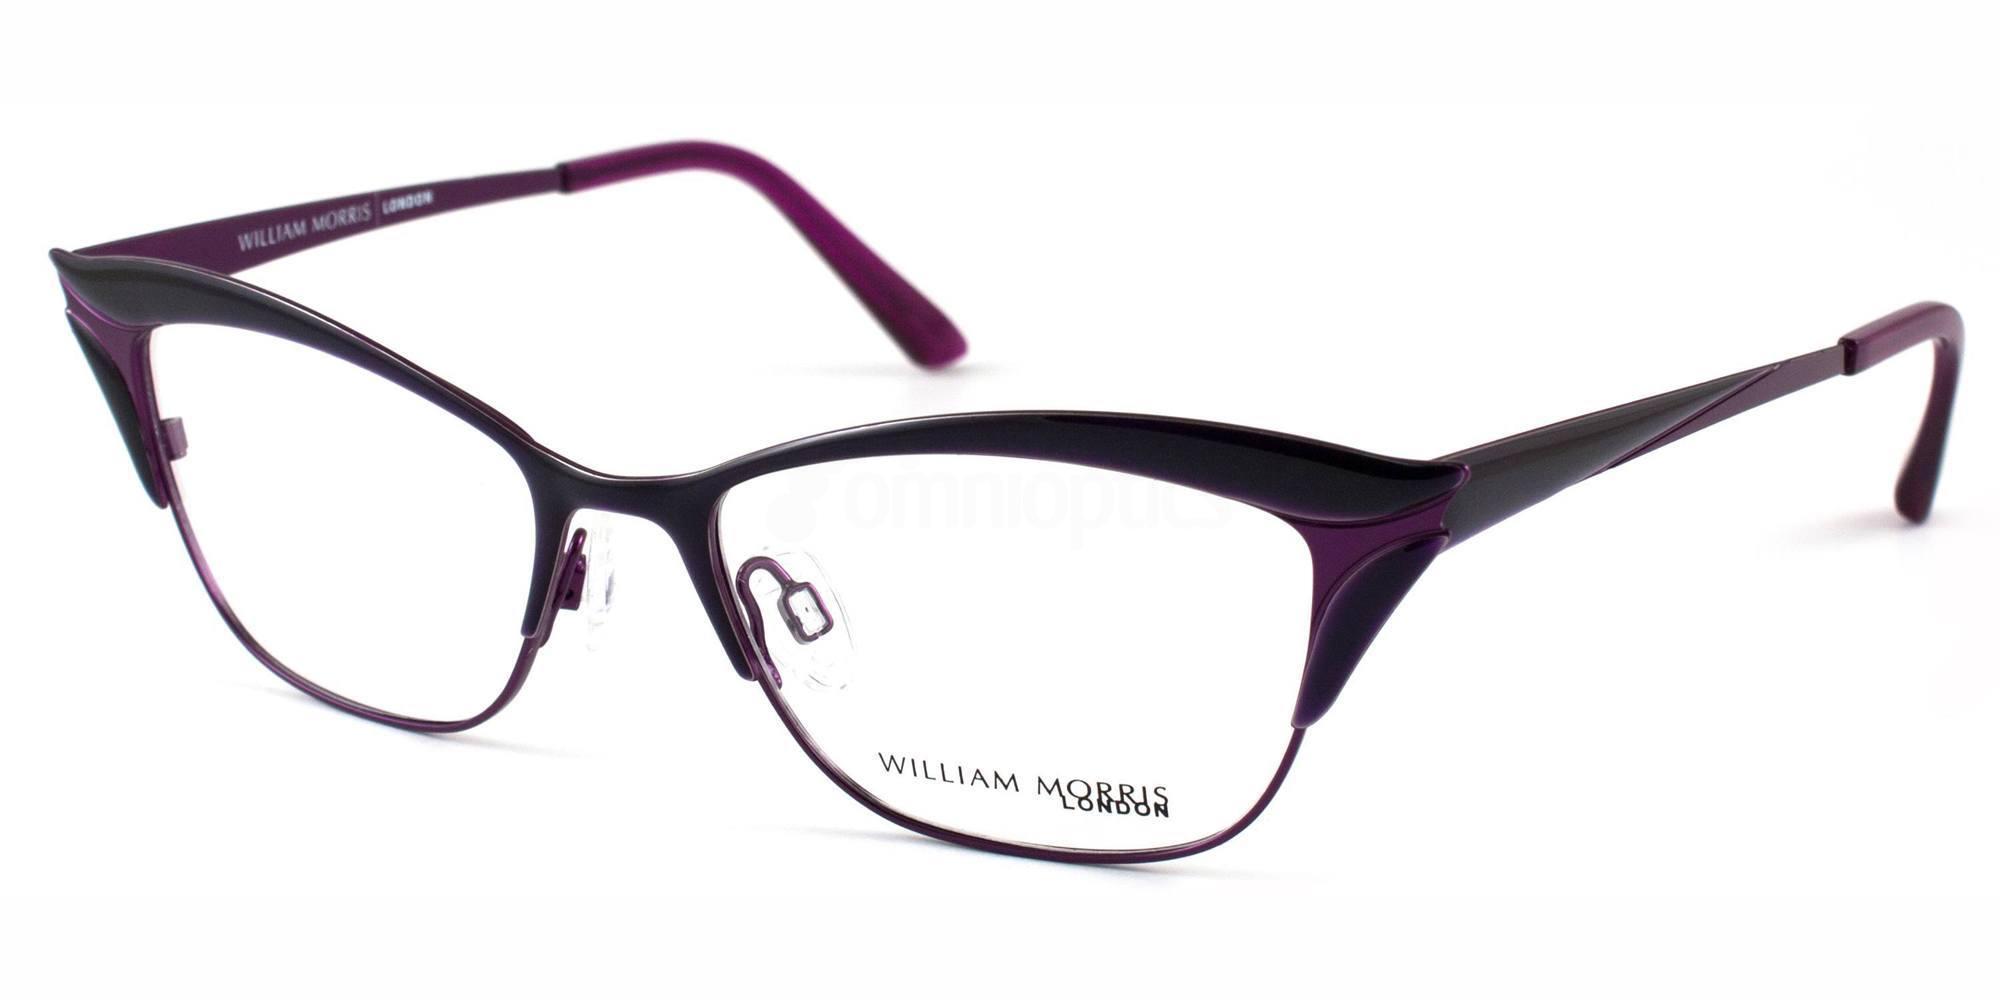 C1 WL4134 , William Morris London